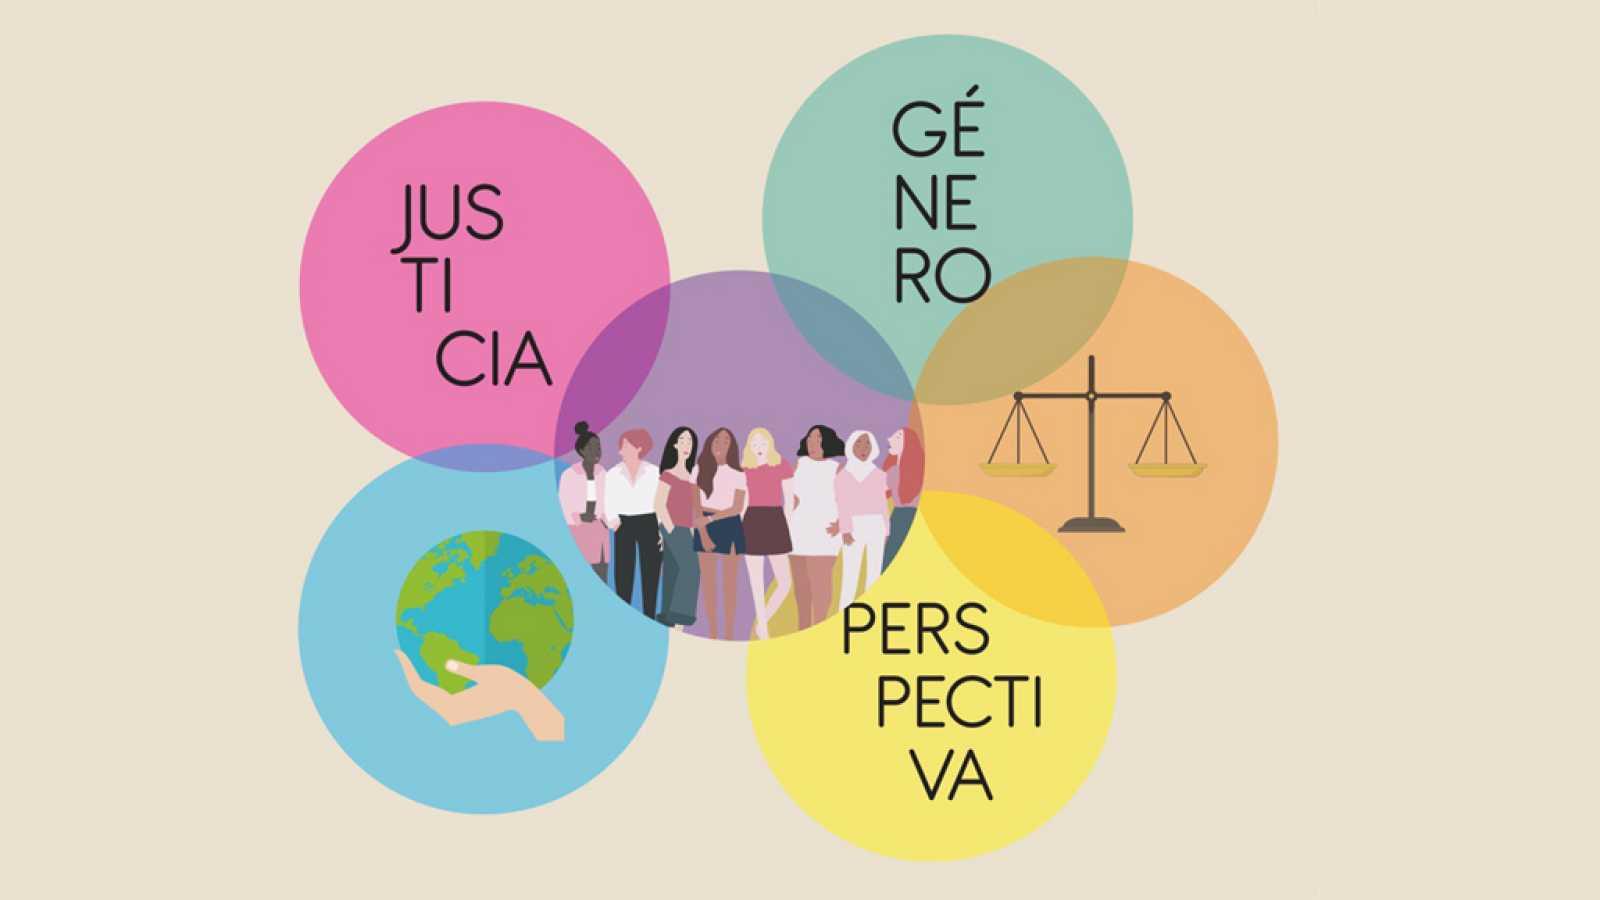 Punto de enlace - Madrid acoge I Congreso Internacional de Juezas llegadas de 35 países - 24/04/19 - escuchar ahora